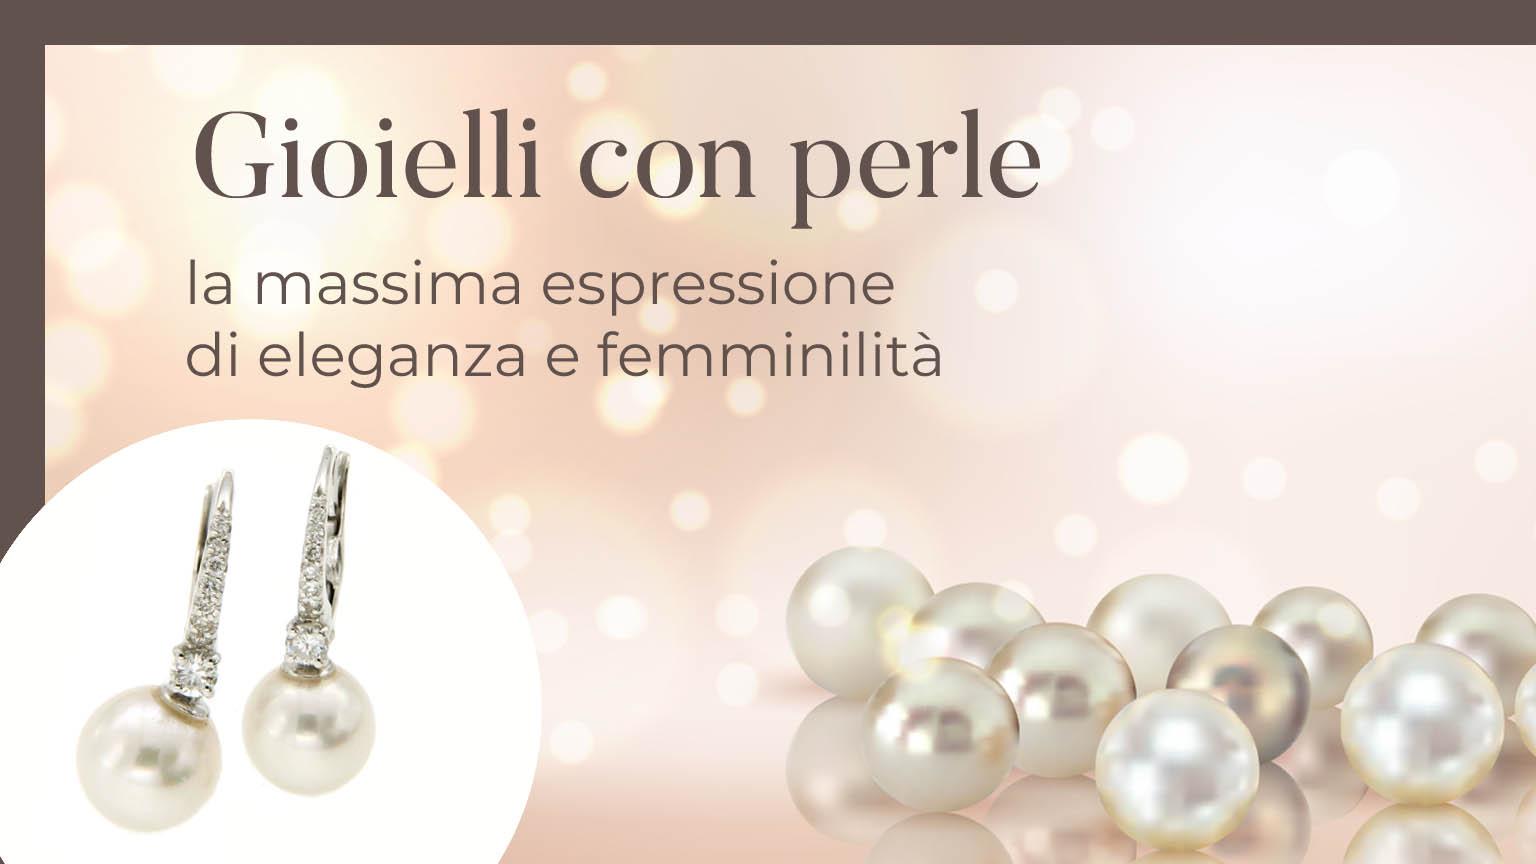 Cascata di perle su sfondo color crema e gioielli con perle, simbolo di eleganza e femminilità